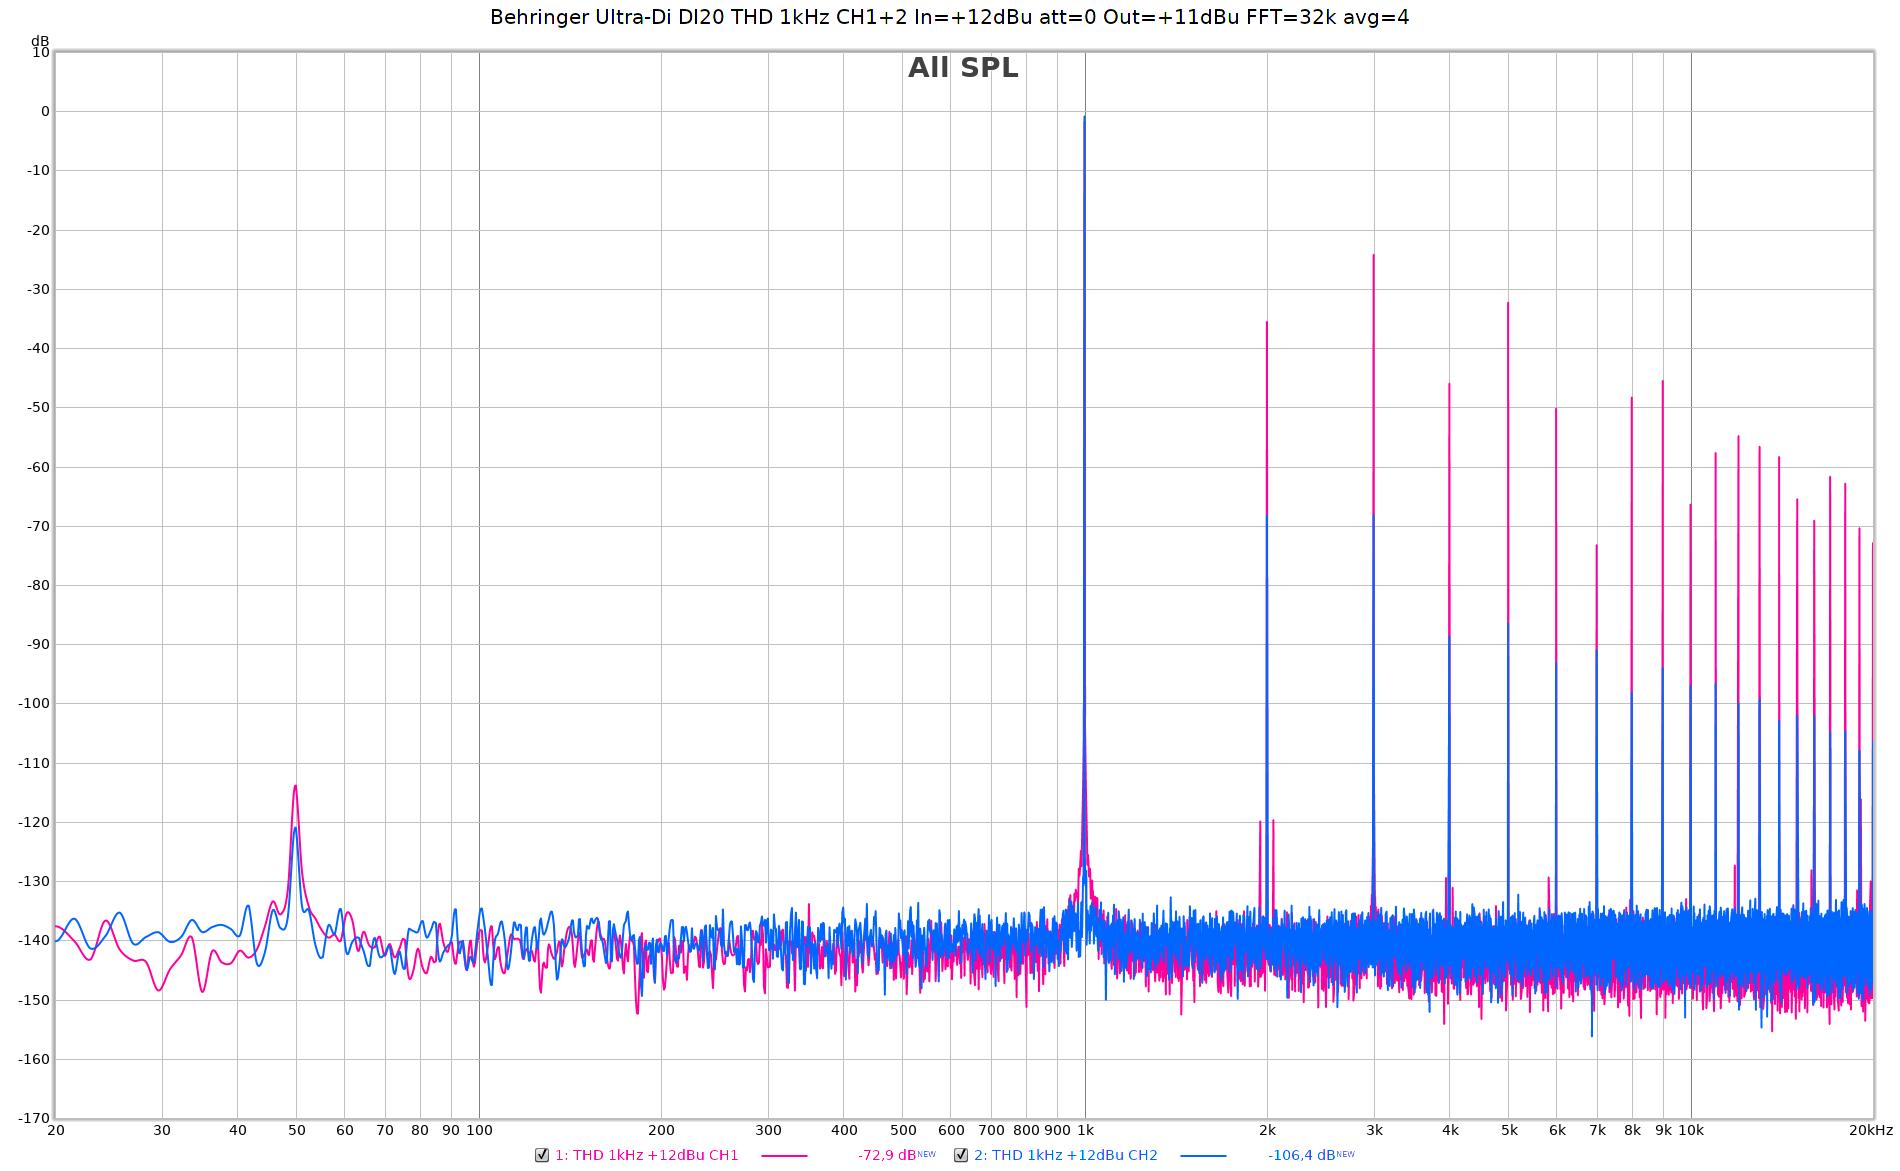 Behringer Ultra-Di DI20 THD 1kHz CH1+2 In=+12dBu att=0 Out=+11dBu FFT=32k avg=4.png